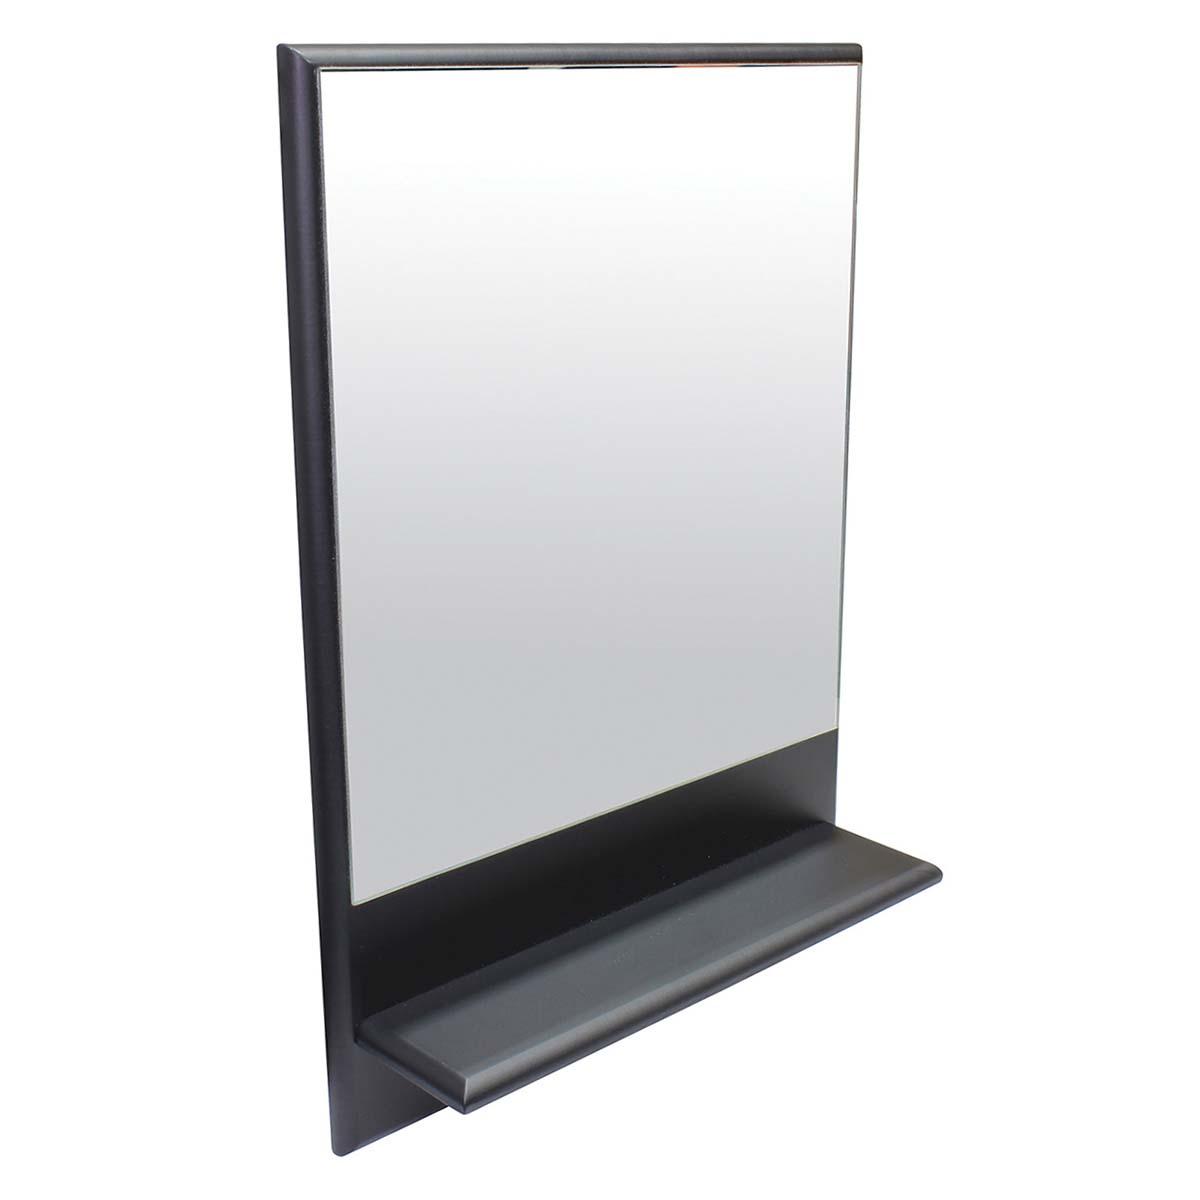 bathroom mirror shelf mah l ools. Black Bedroom Furniture Sets. Home Design Ideas